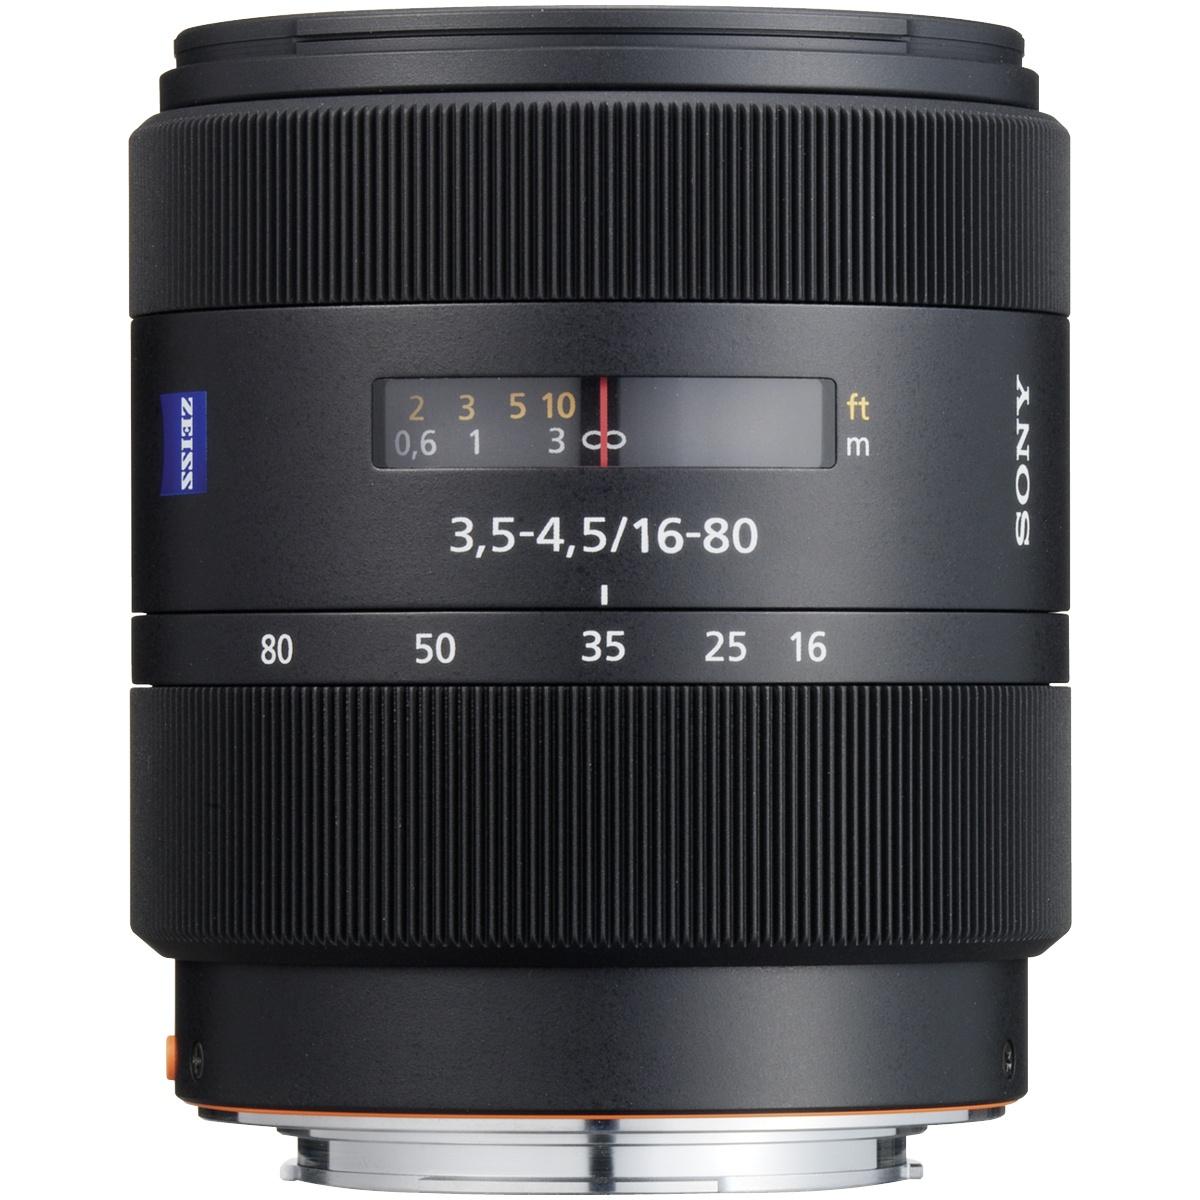 Sony 16-80 mm 1:3,5-4,5 Zeiss T ZA A-Mount